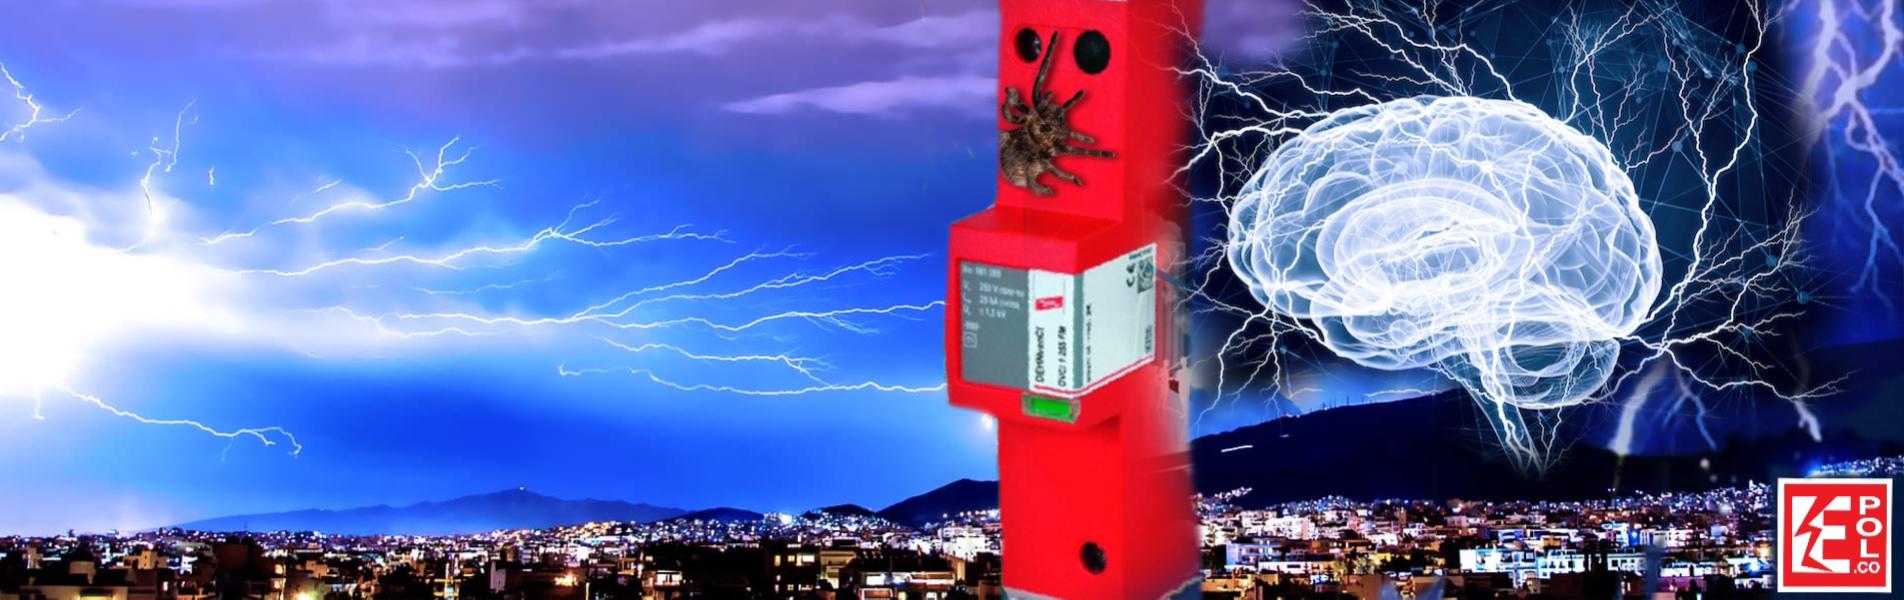 Pararrayos con DPS supresor eléctrico